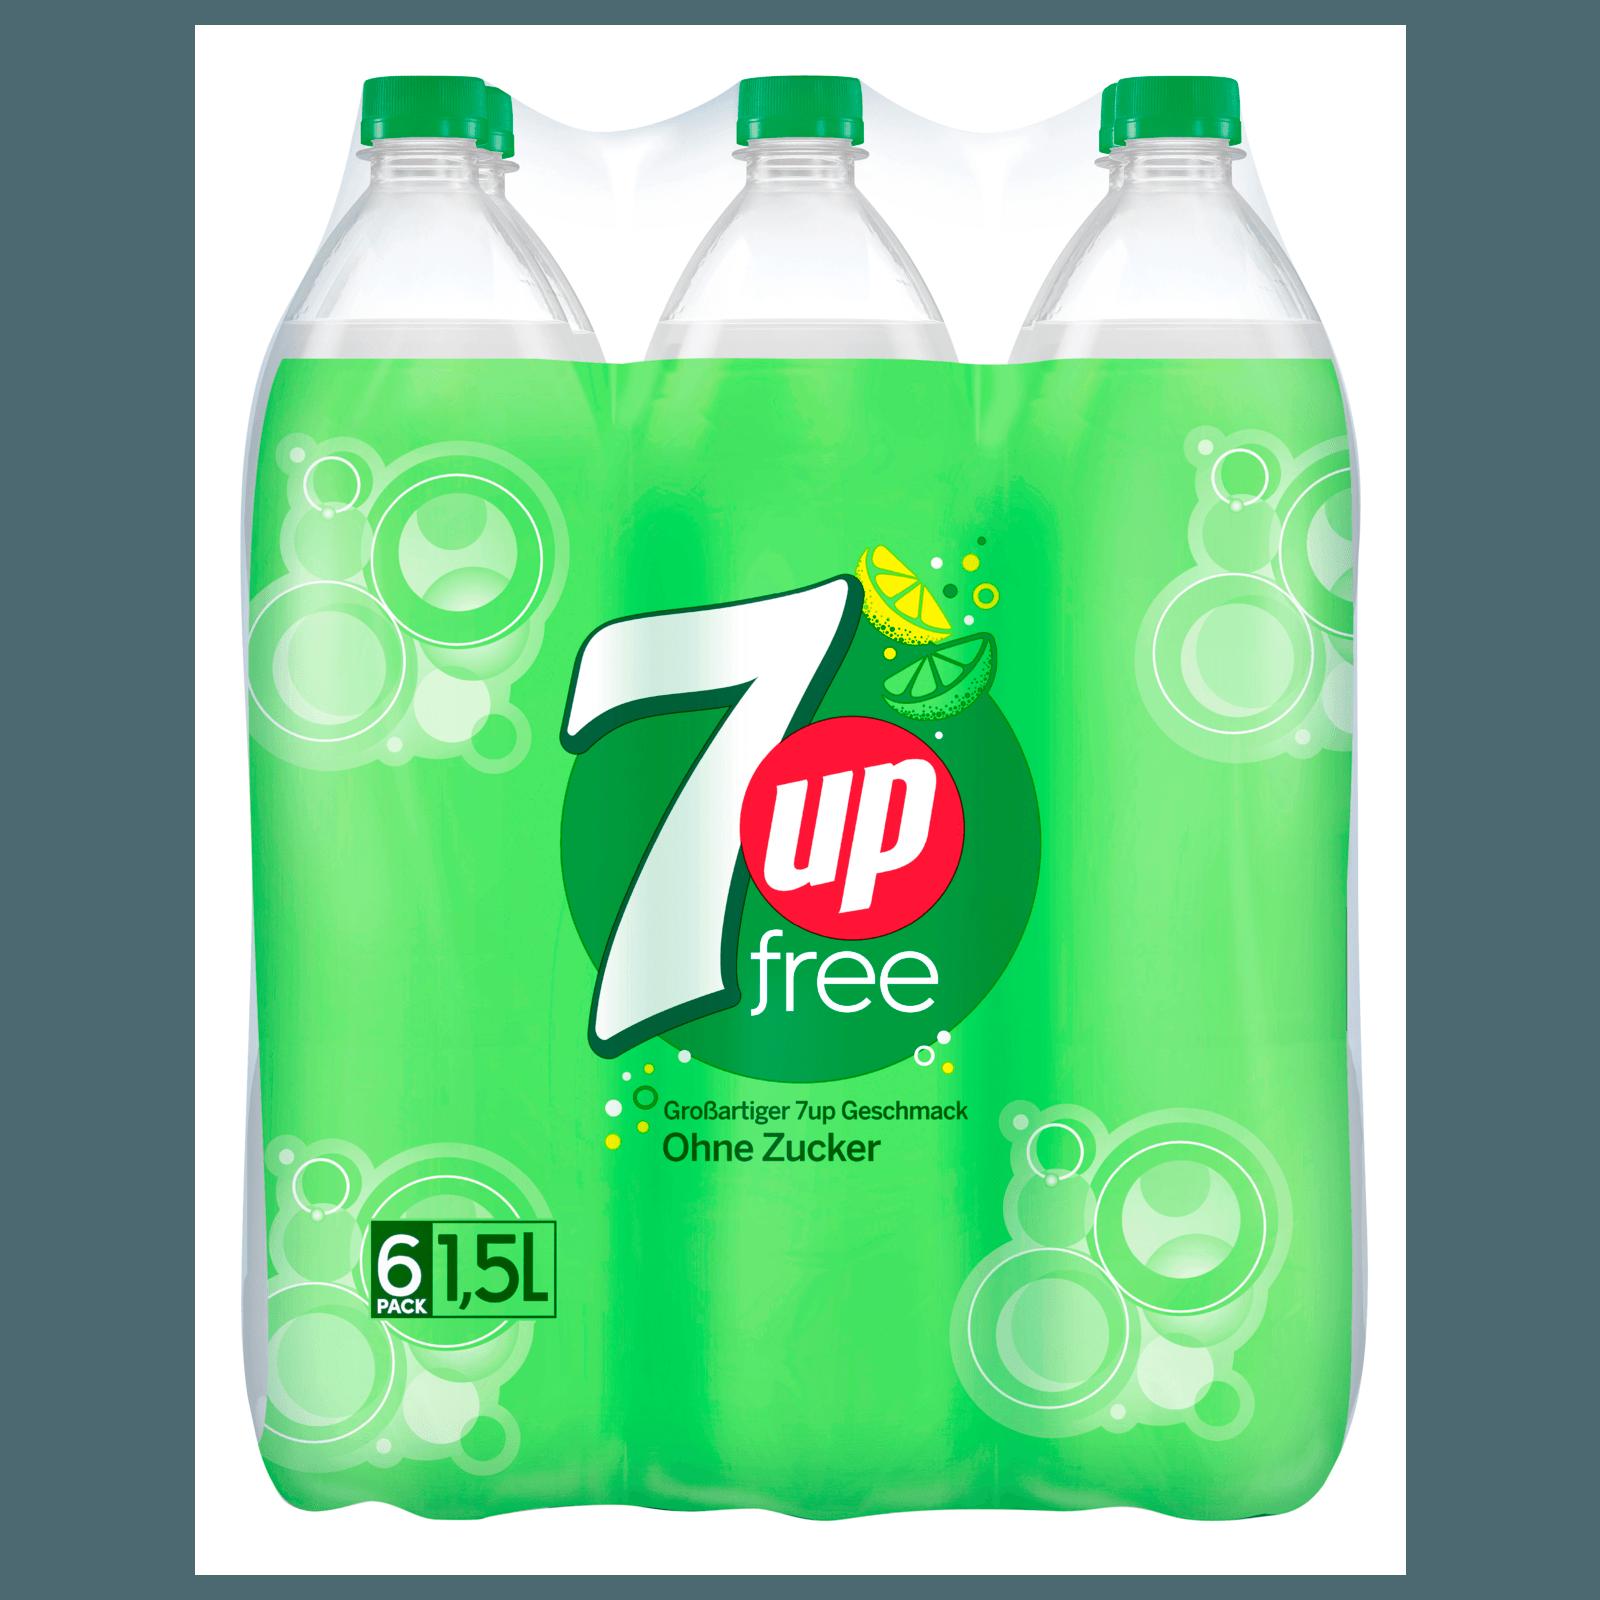 7Up Free zero sugar 6x1,5l bei REWE online bestellen!